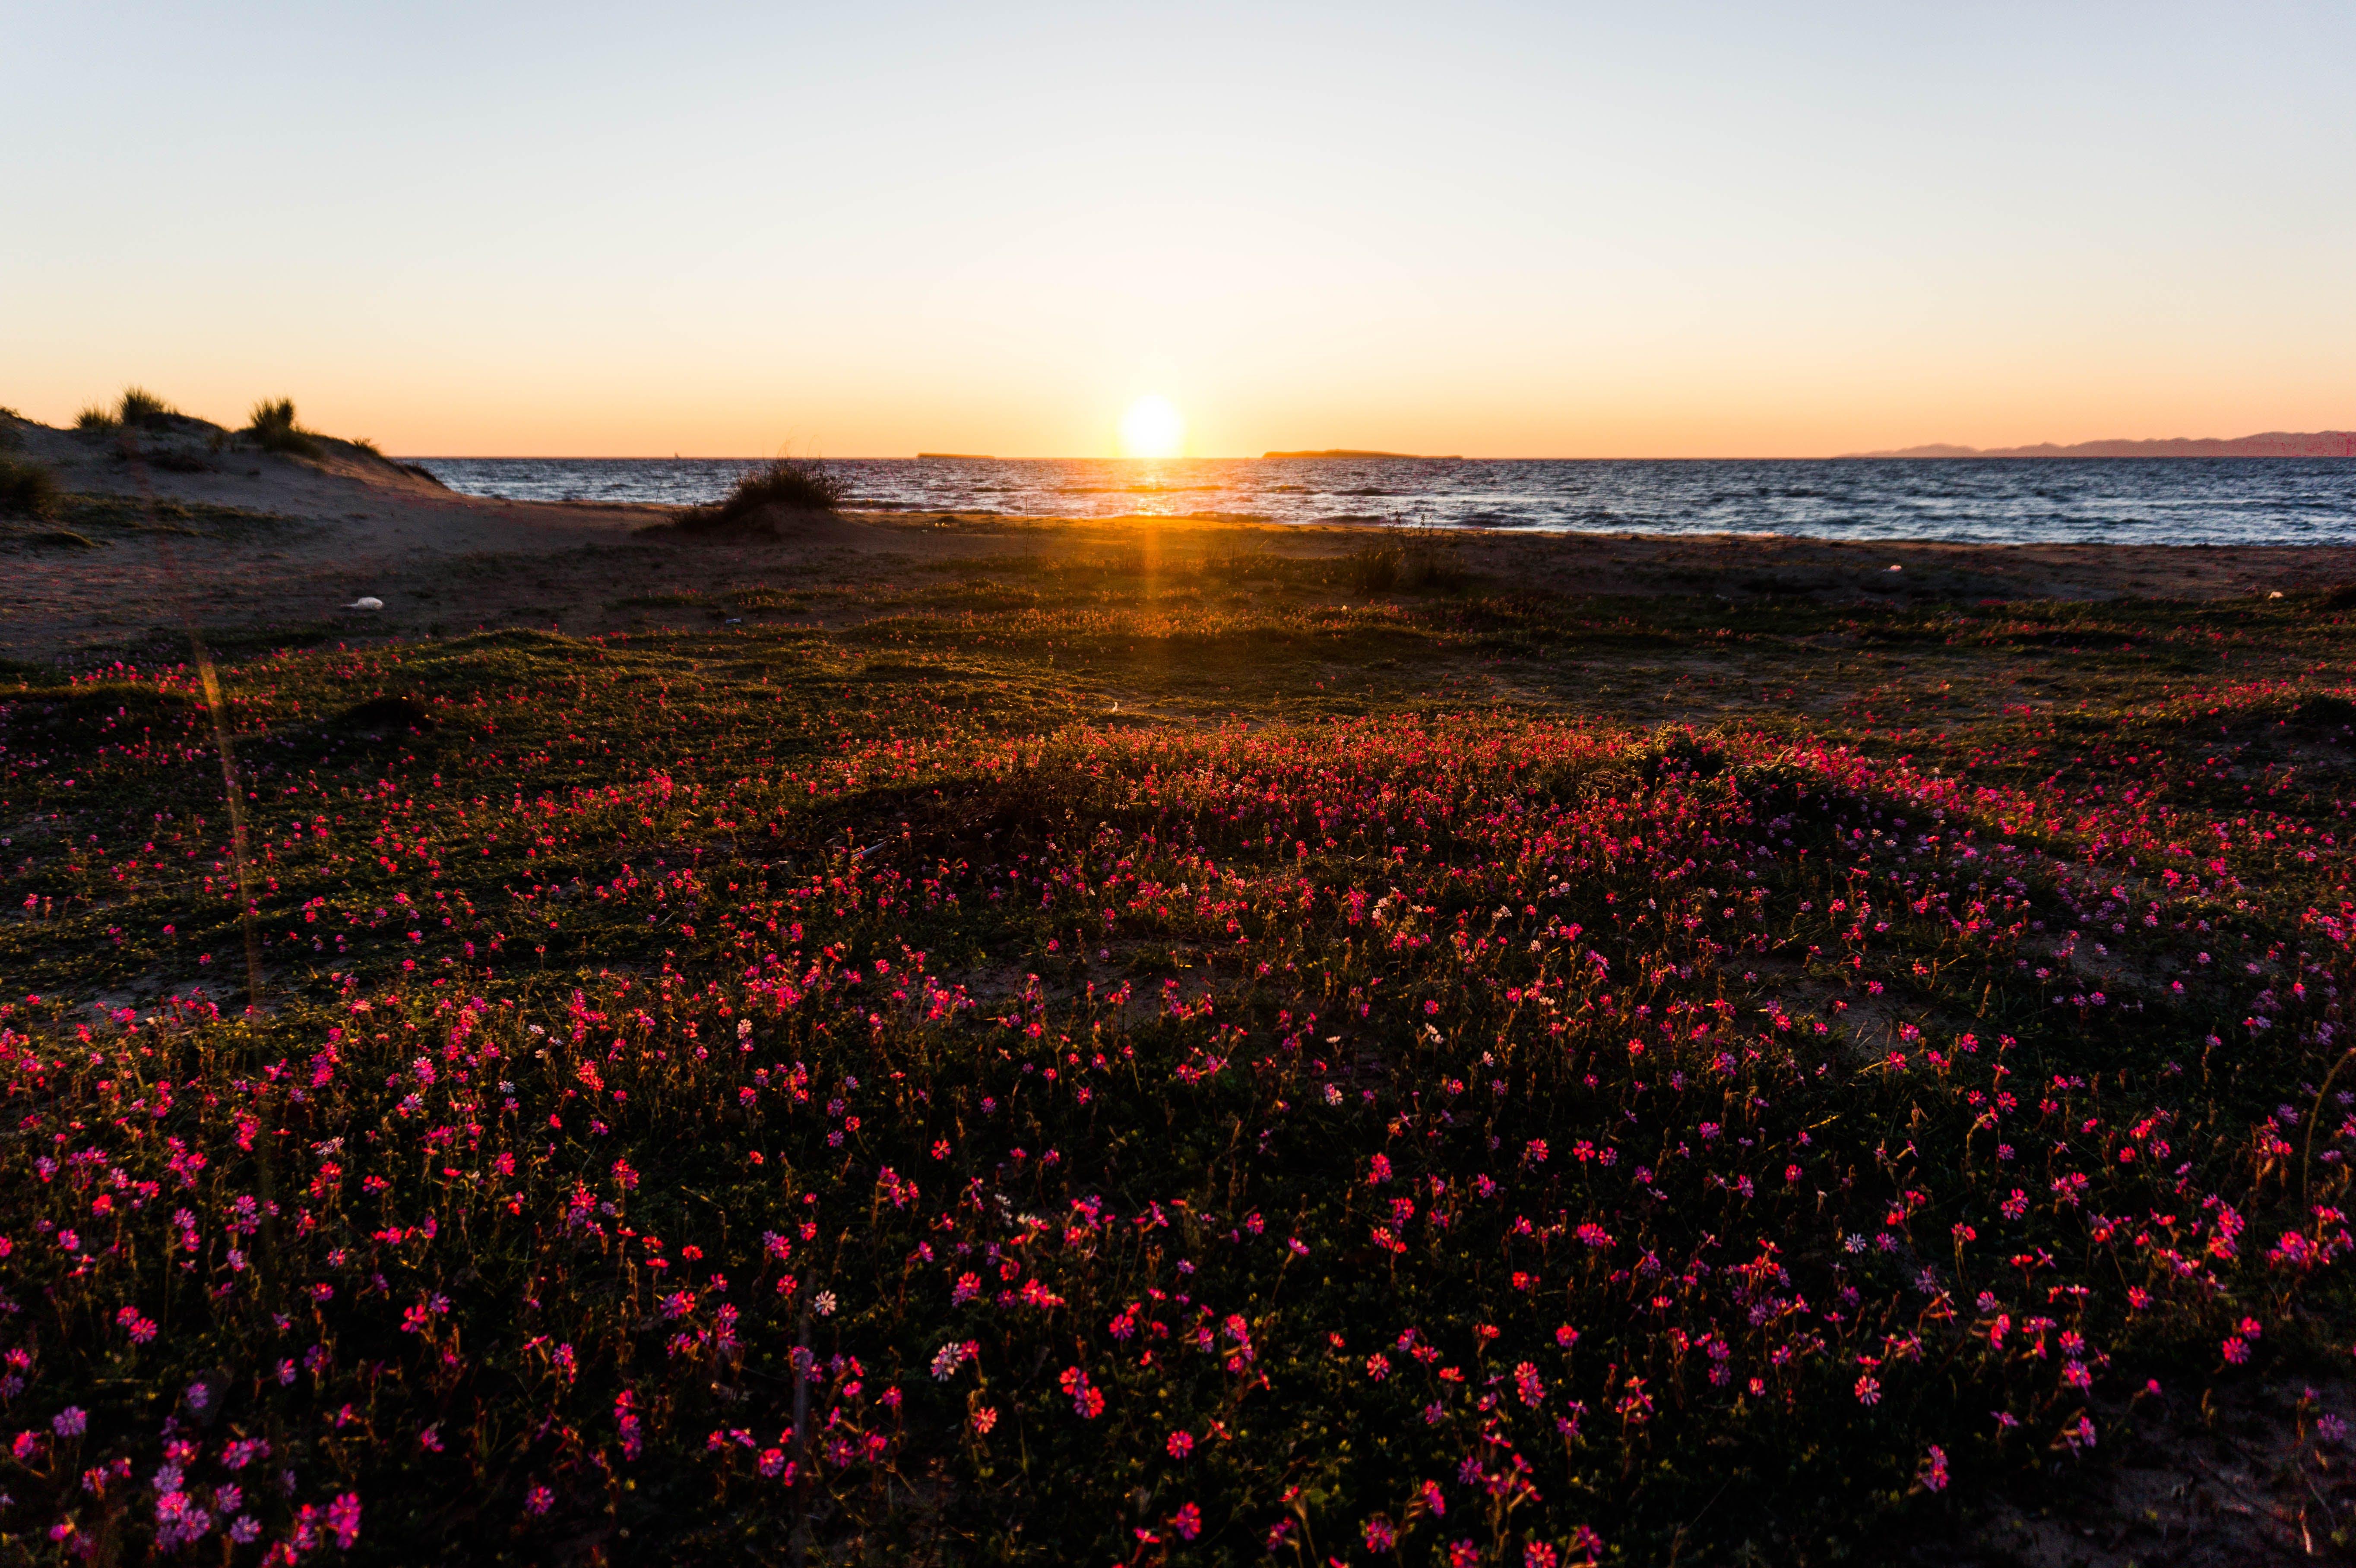 Kostenloses Stock Foto zu blumen, dämmerung, flora, friedlich